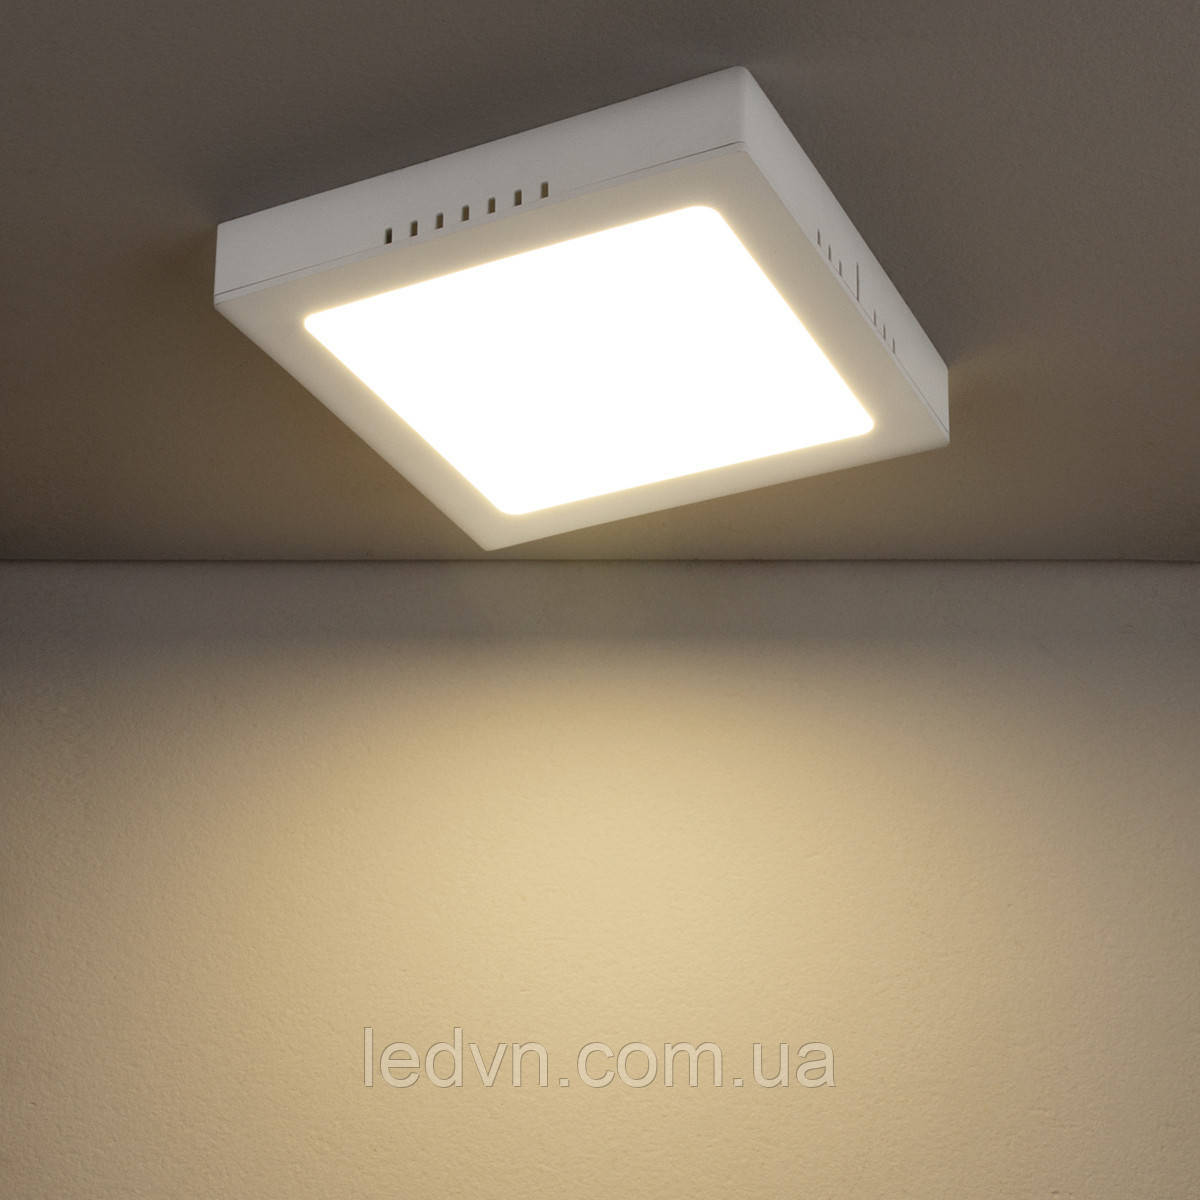 Накладной светодиодный светильник квадратный 18 ватт